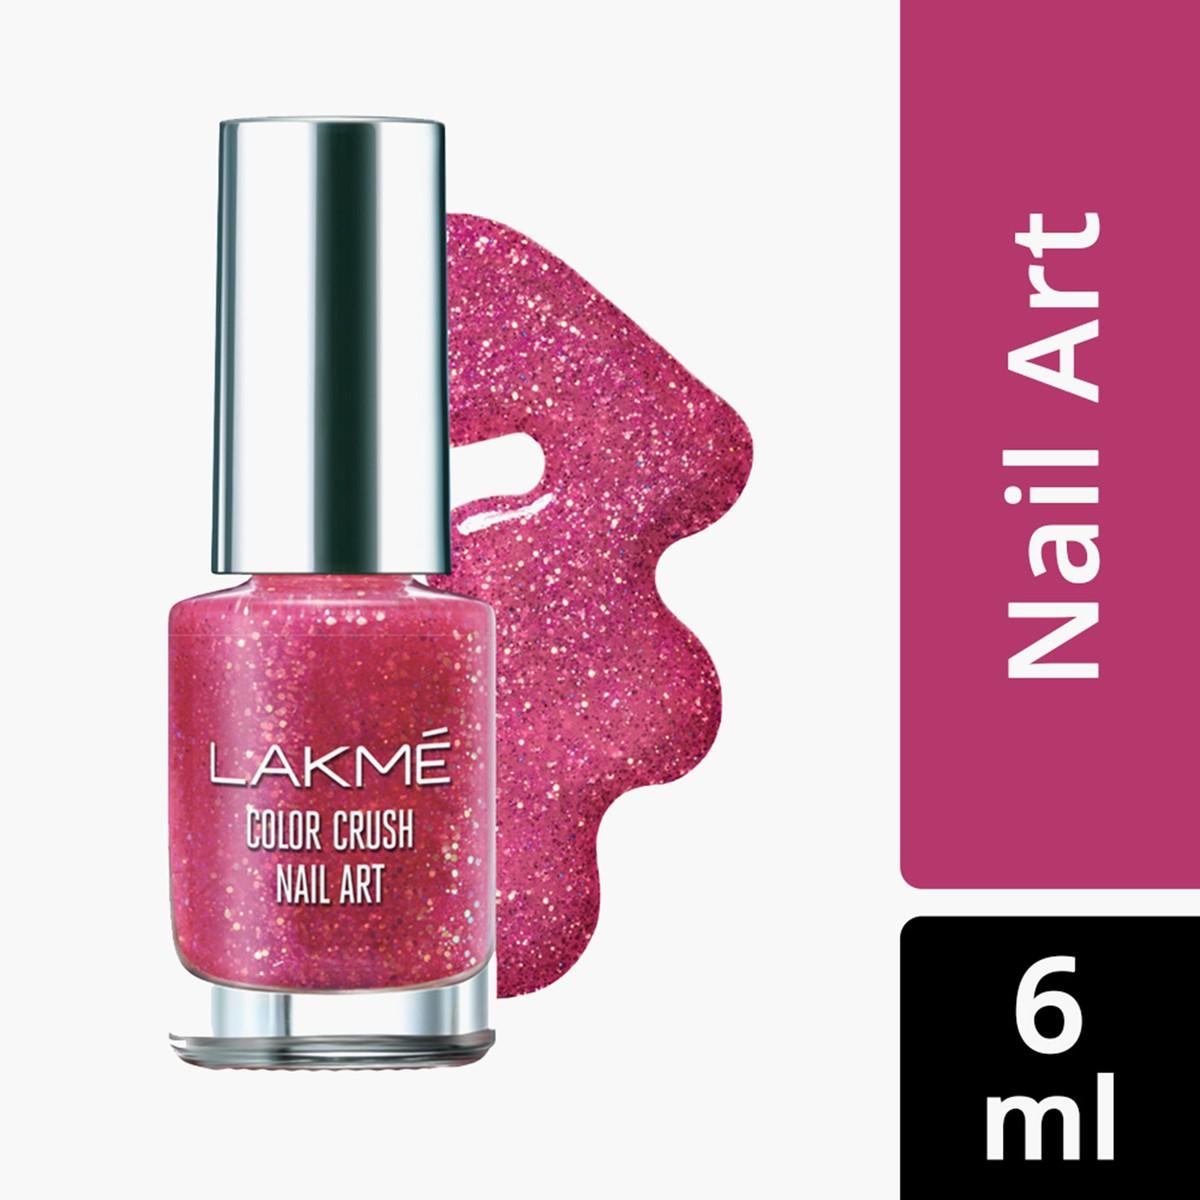 Lakme Color Crush Nail Art - 6ml